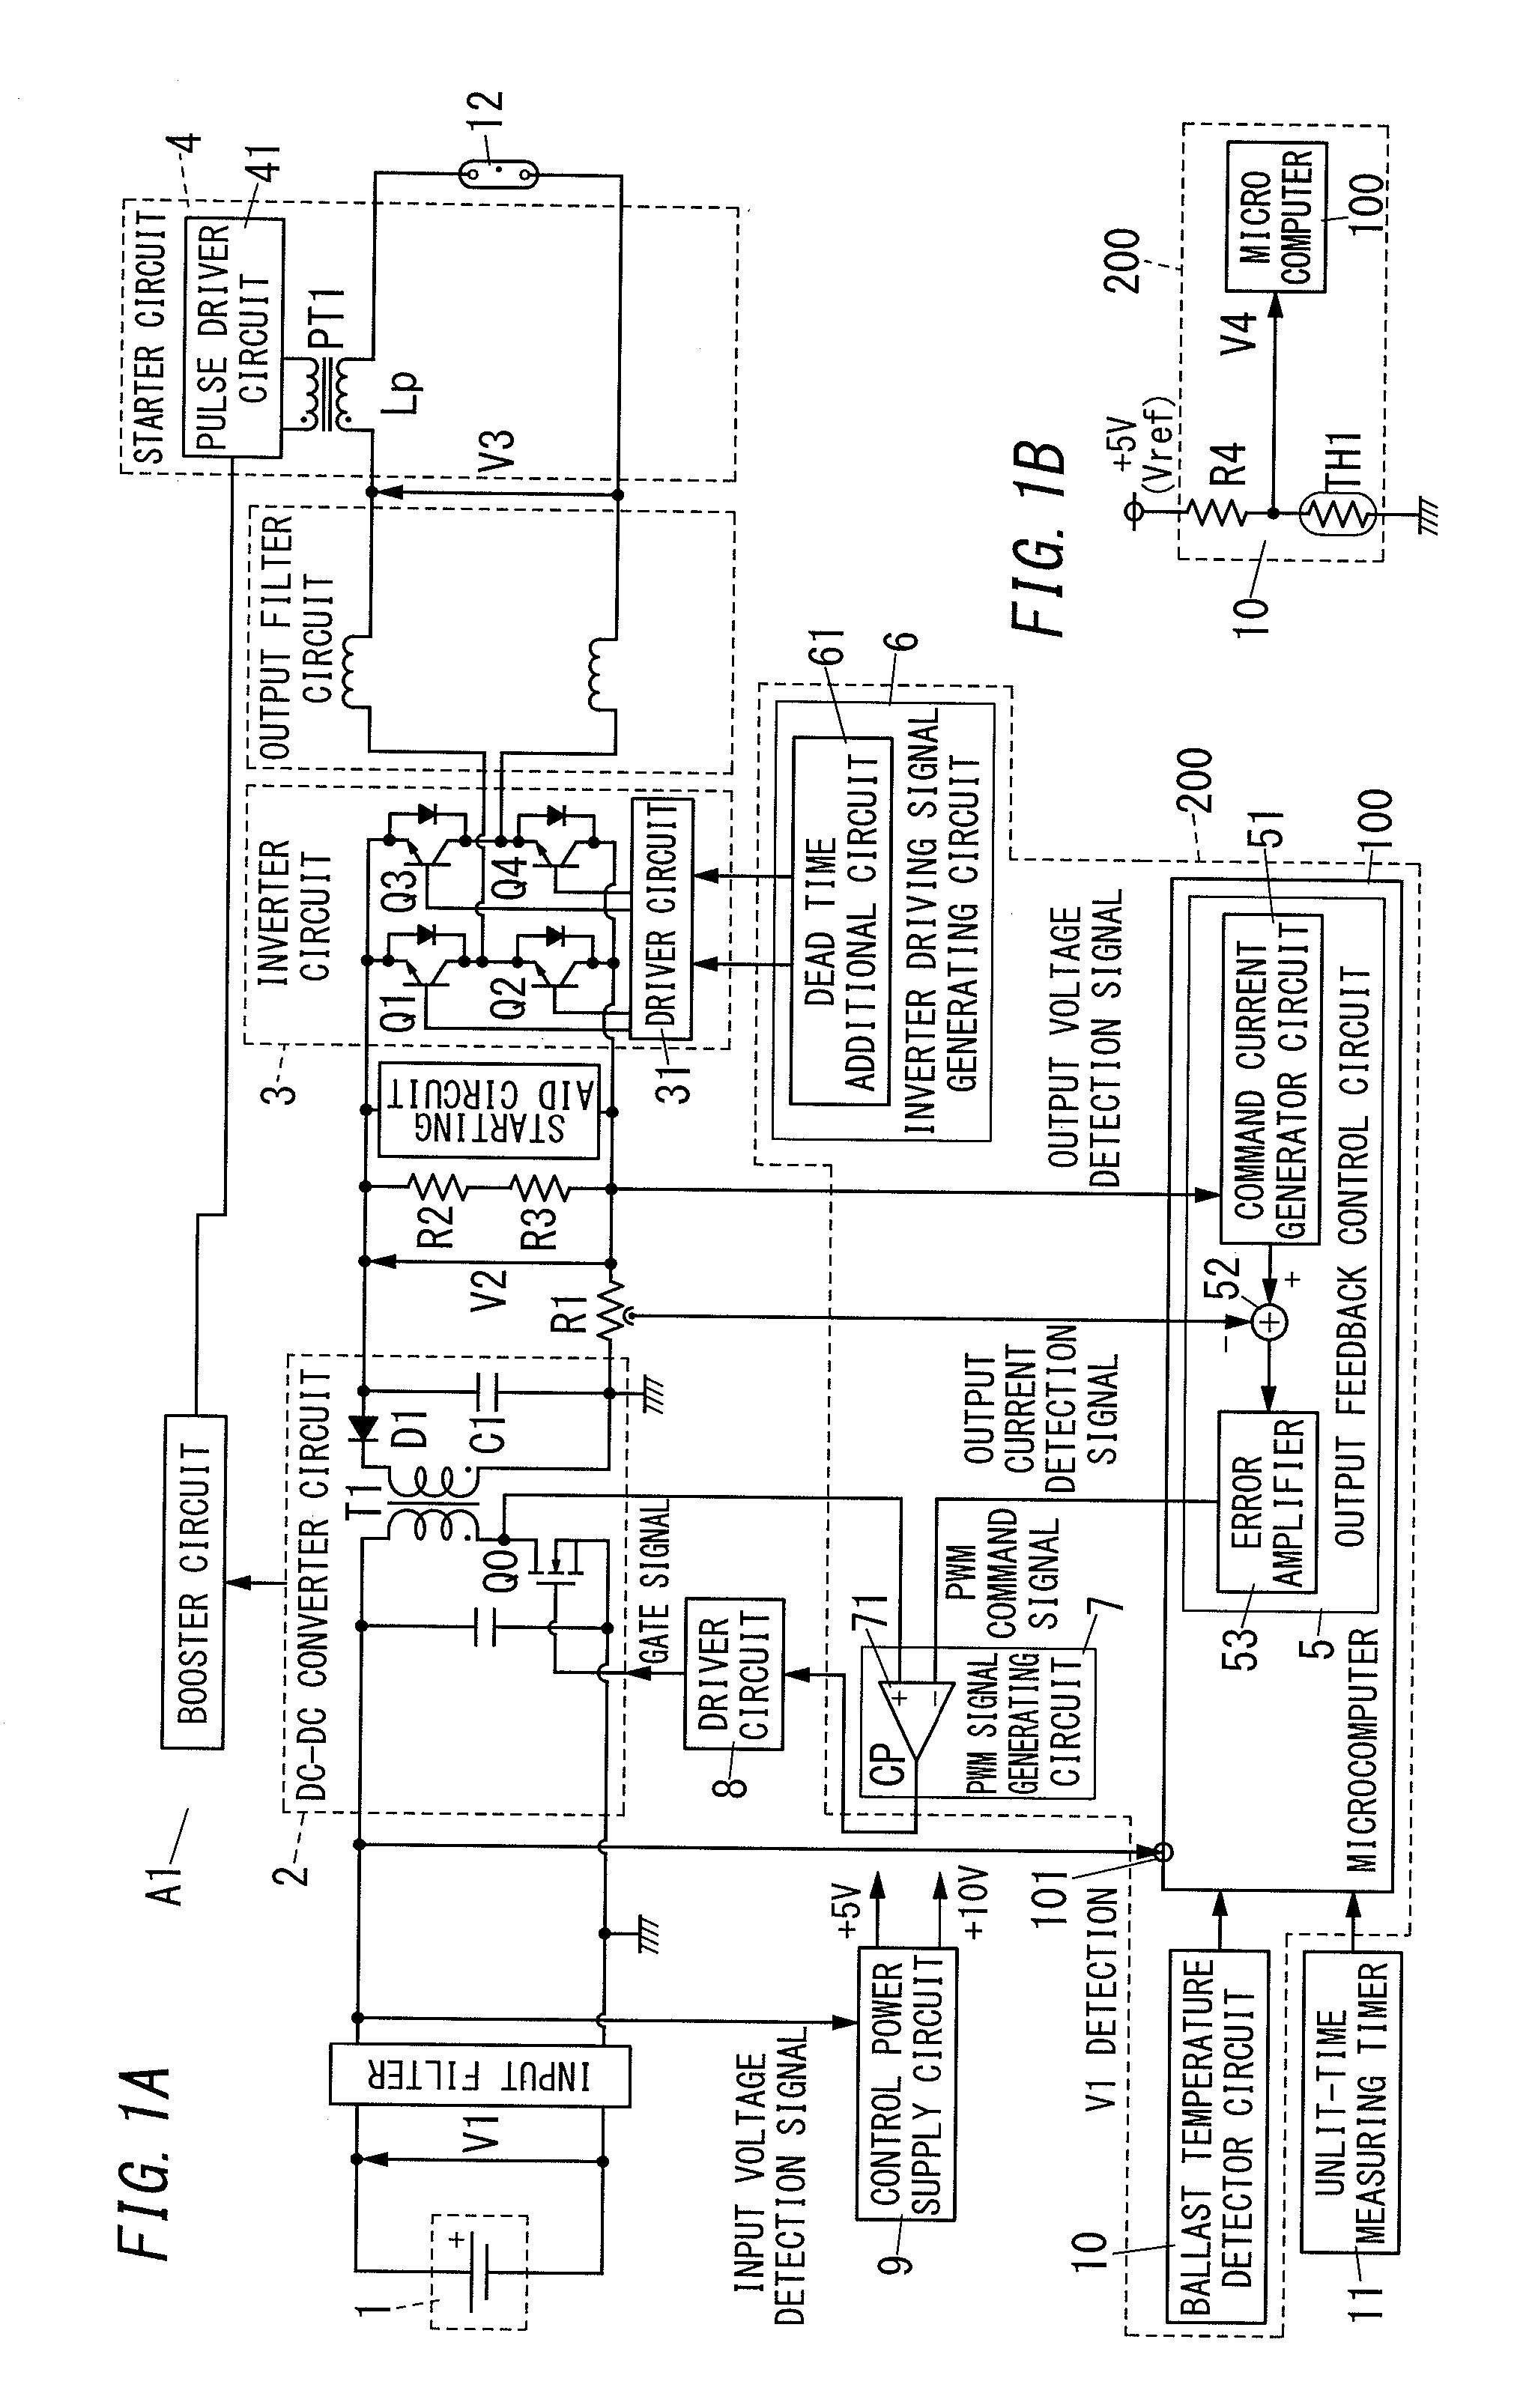 patent us20140028188